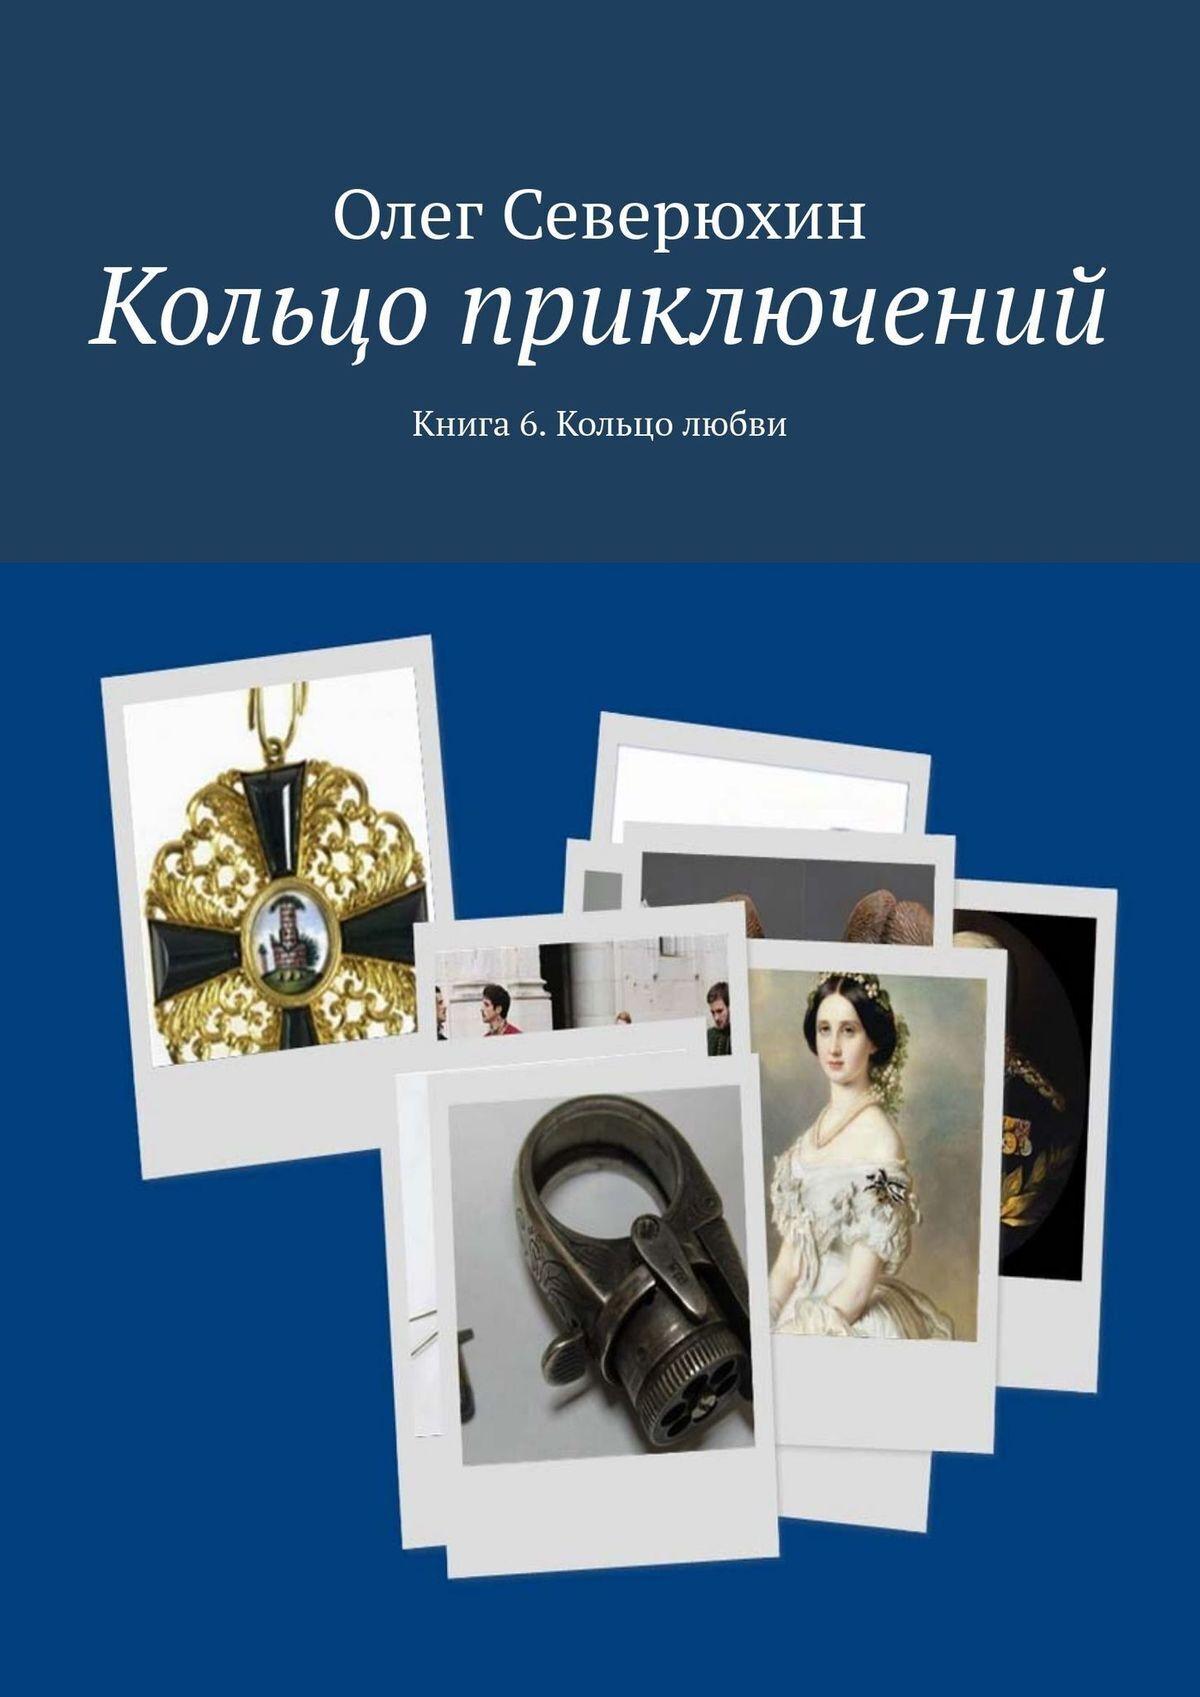 Олег Васильевич Северюхин Кольцо приключений. Книга 6. Кольцо любви цена